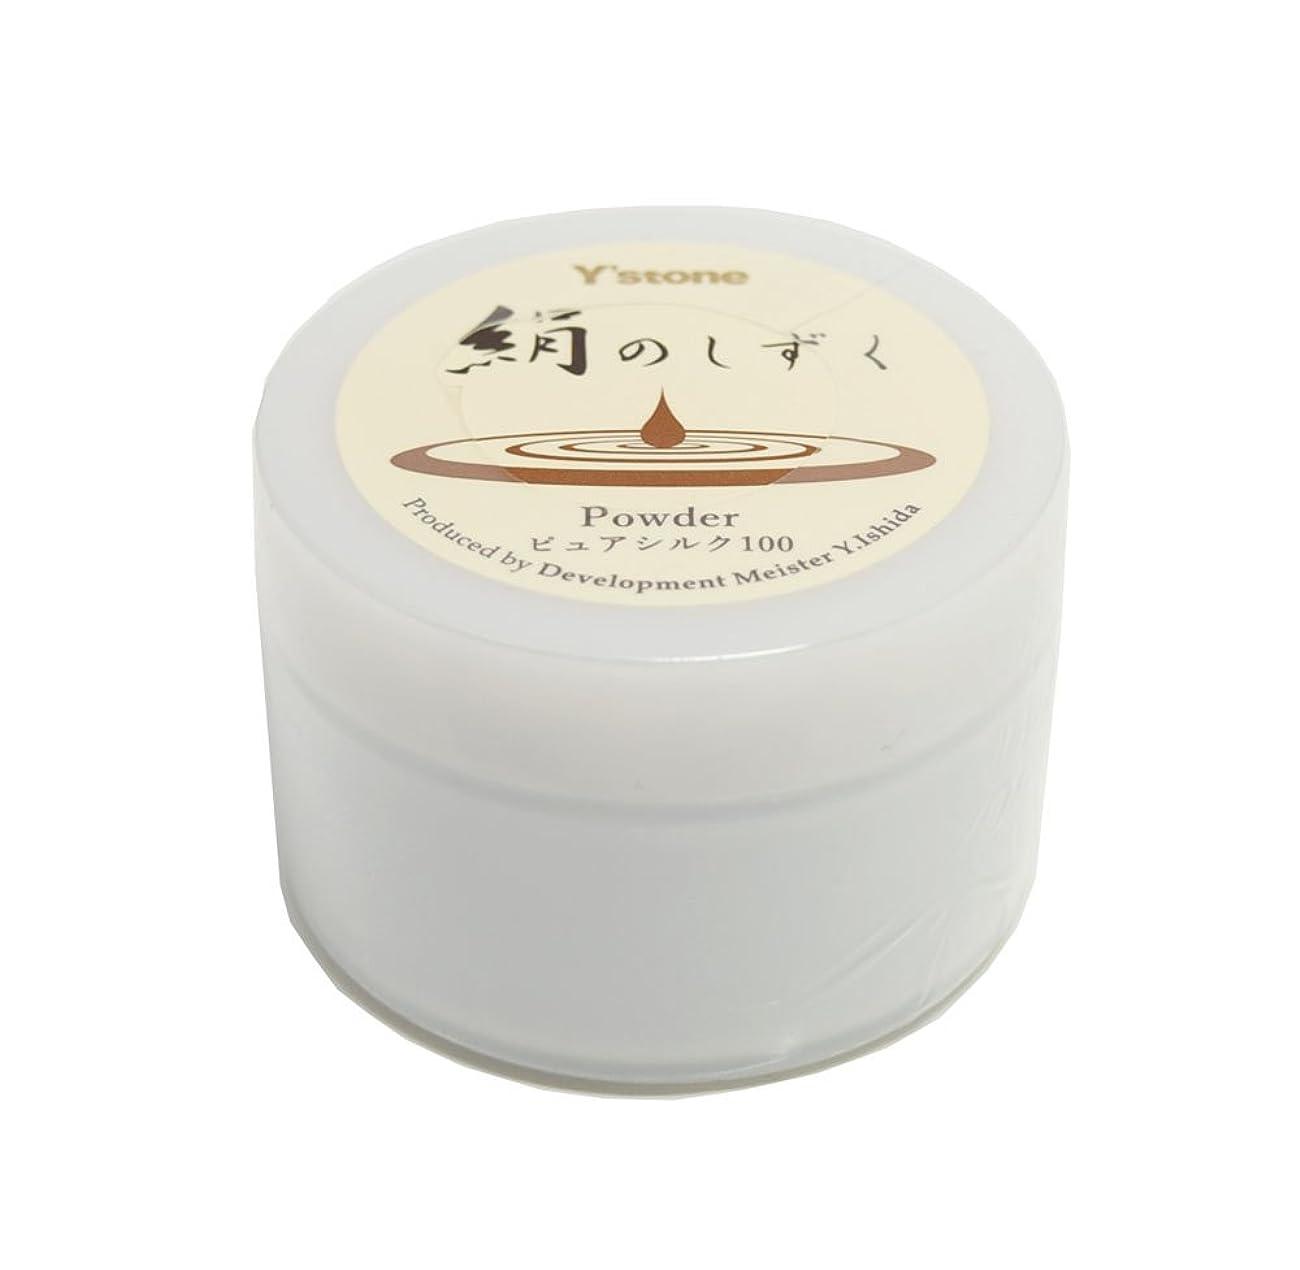 生理戦略好む絹のしずく シルクパウダー100 8g 国産シルク100% 使用。シルク(まゆ)を丸ごと使用☆自然の日焼けを防ぐ効果が期待